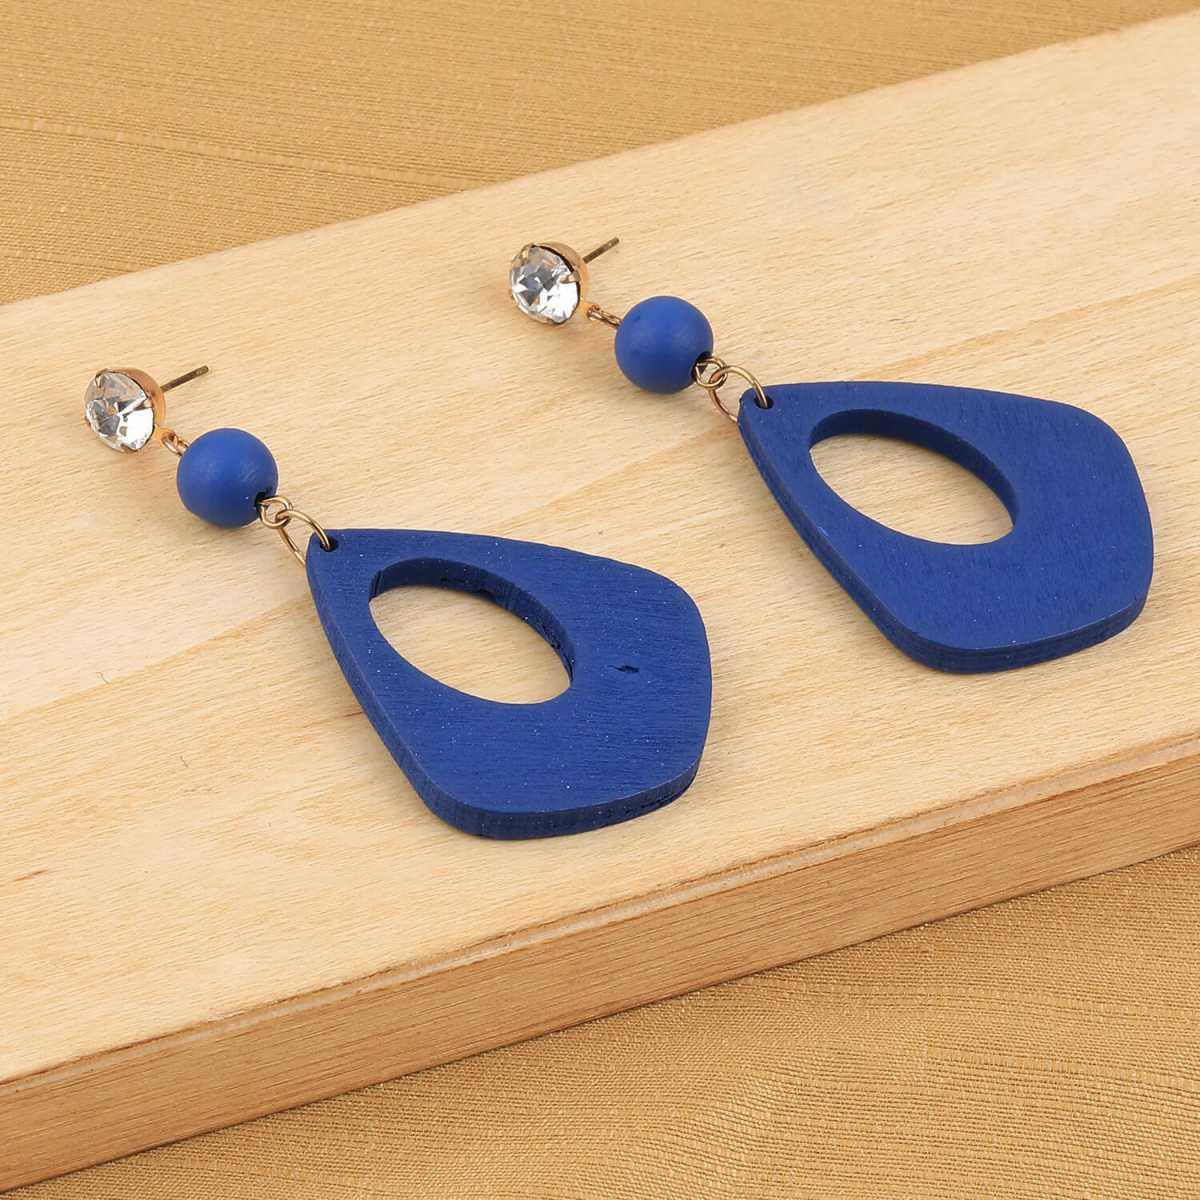 SILVER SHINE Elegant Dangler Diamond Blue Wooden Earrings For Girls and Women …